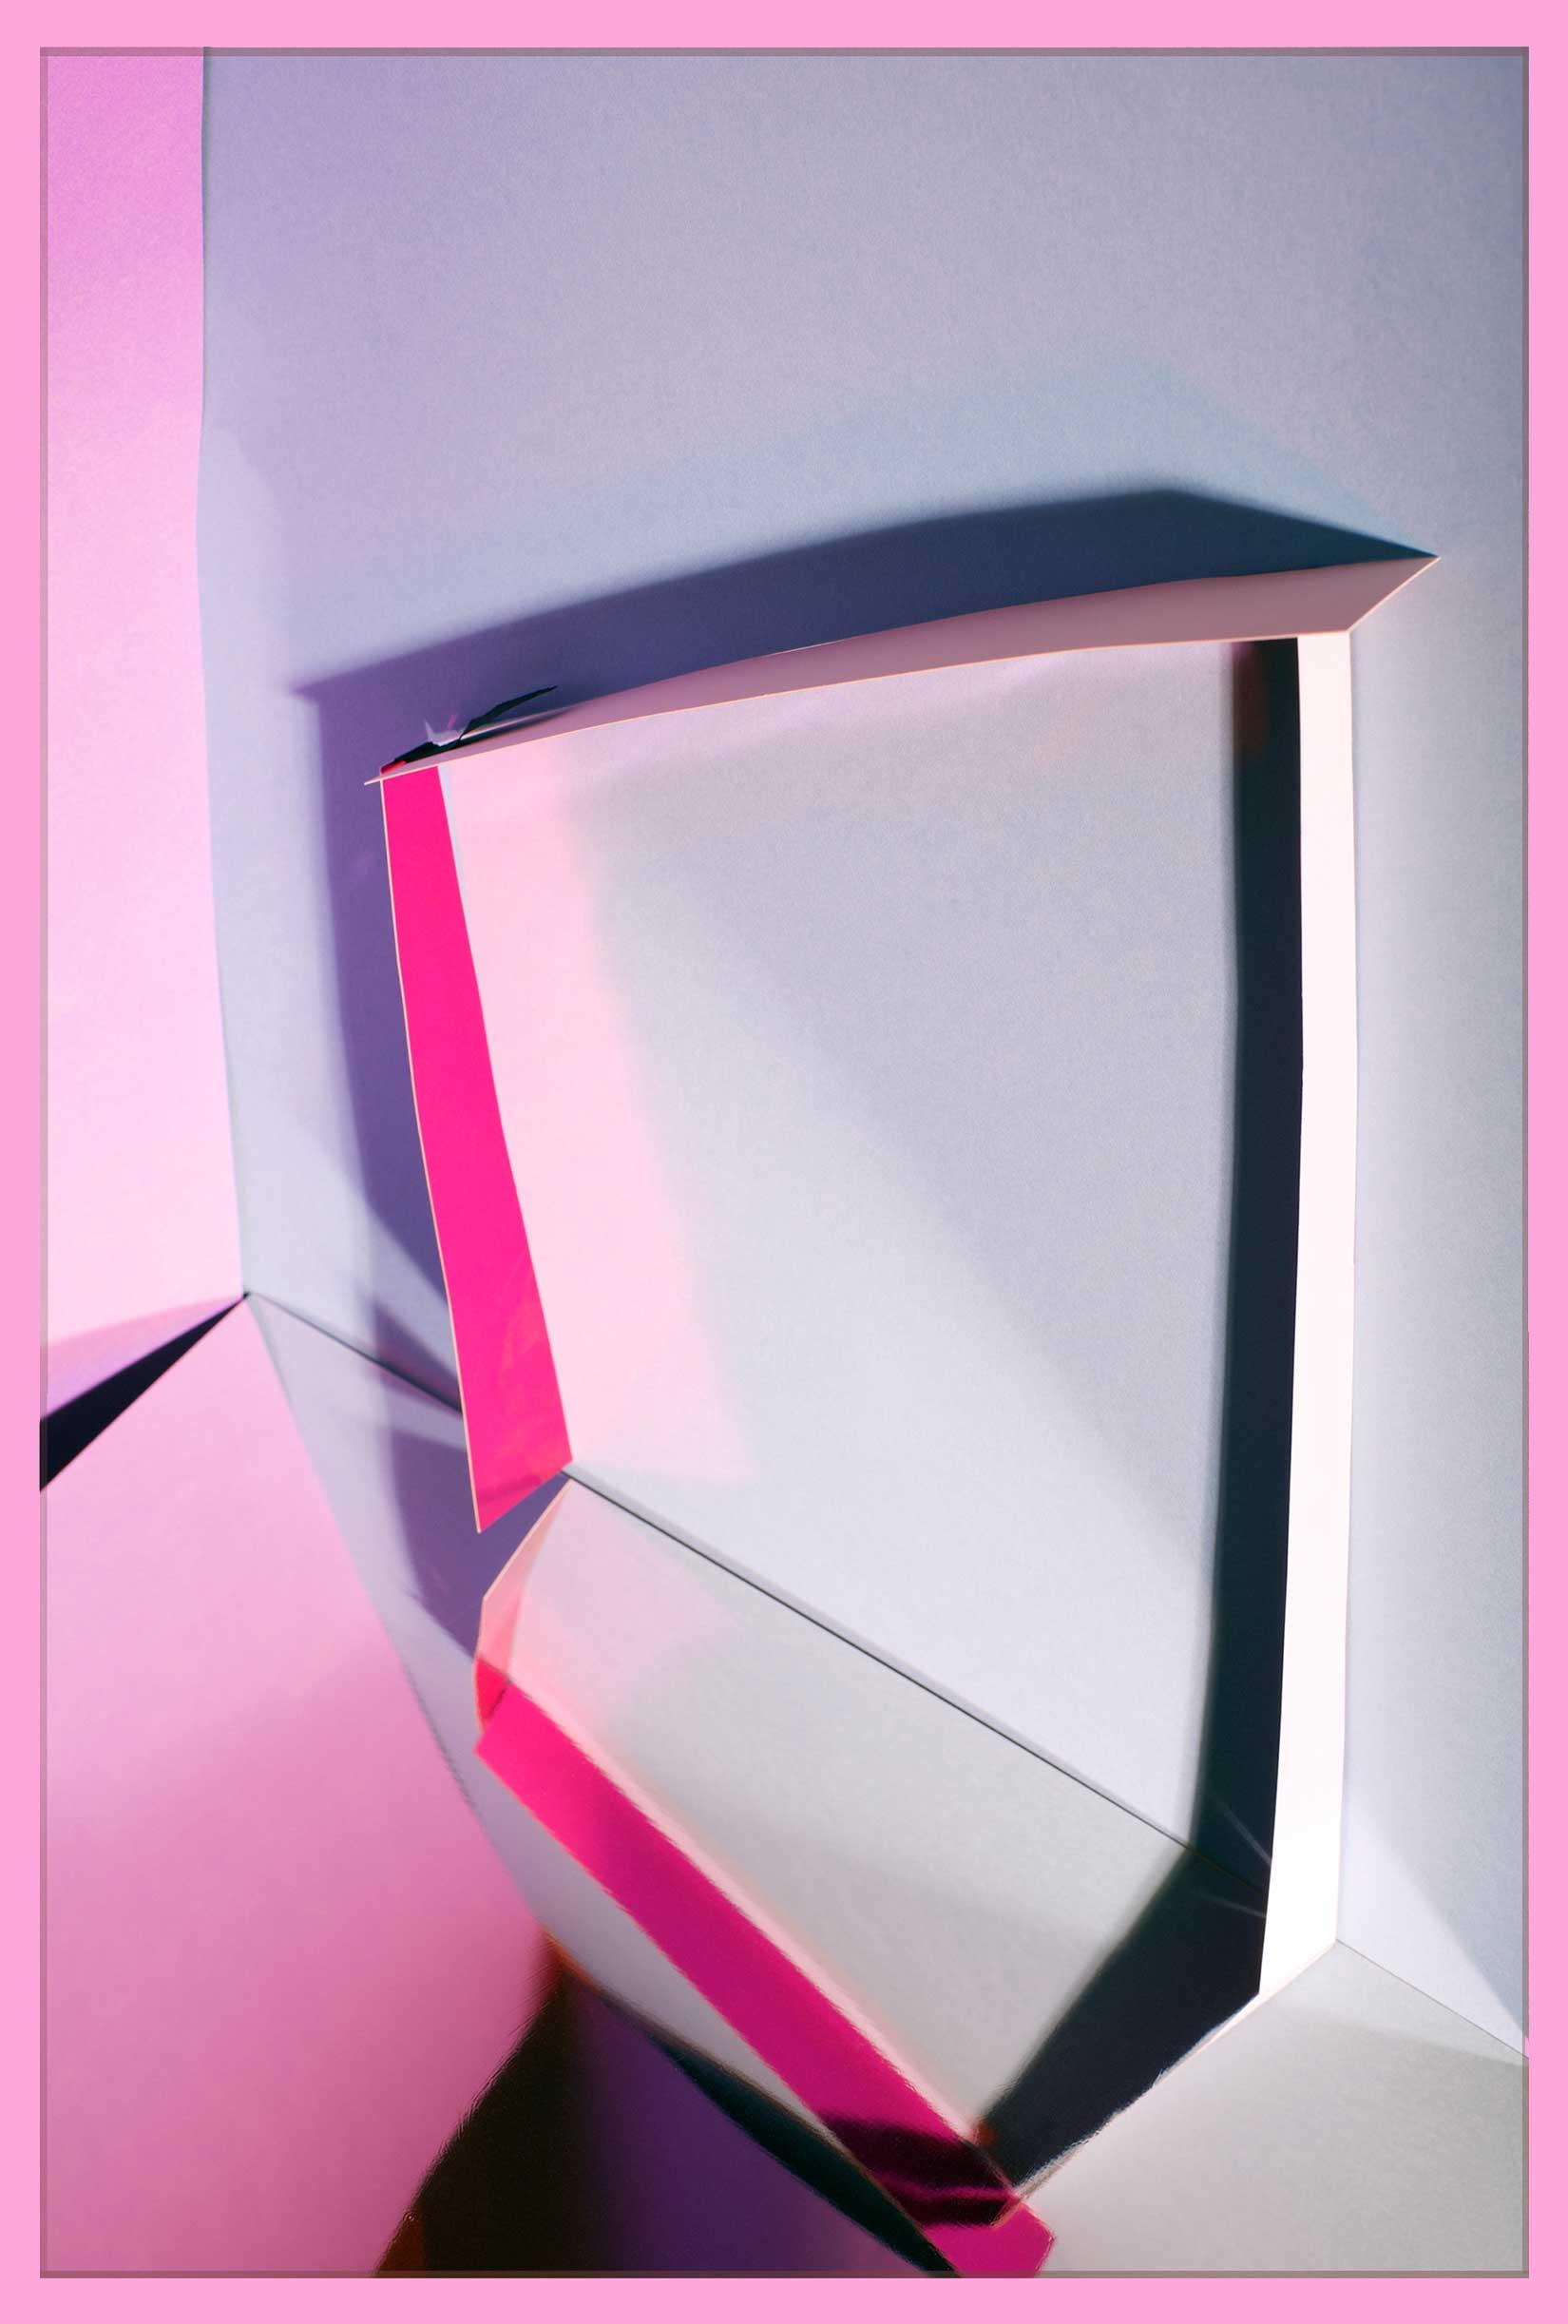 LYDIA WEGNER   Pink Hoop  2017 Archival inkjet print 80 x 53.5 cm